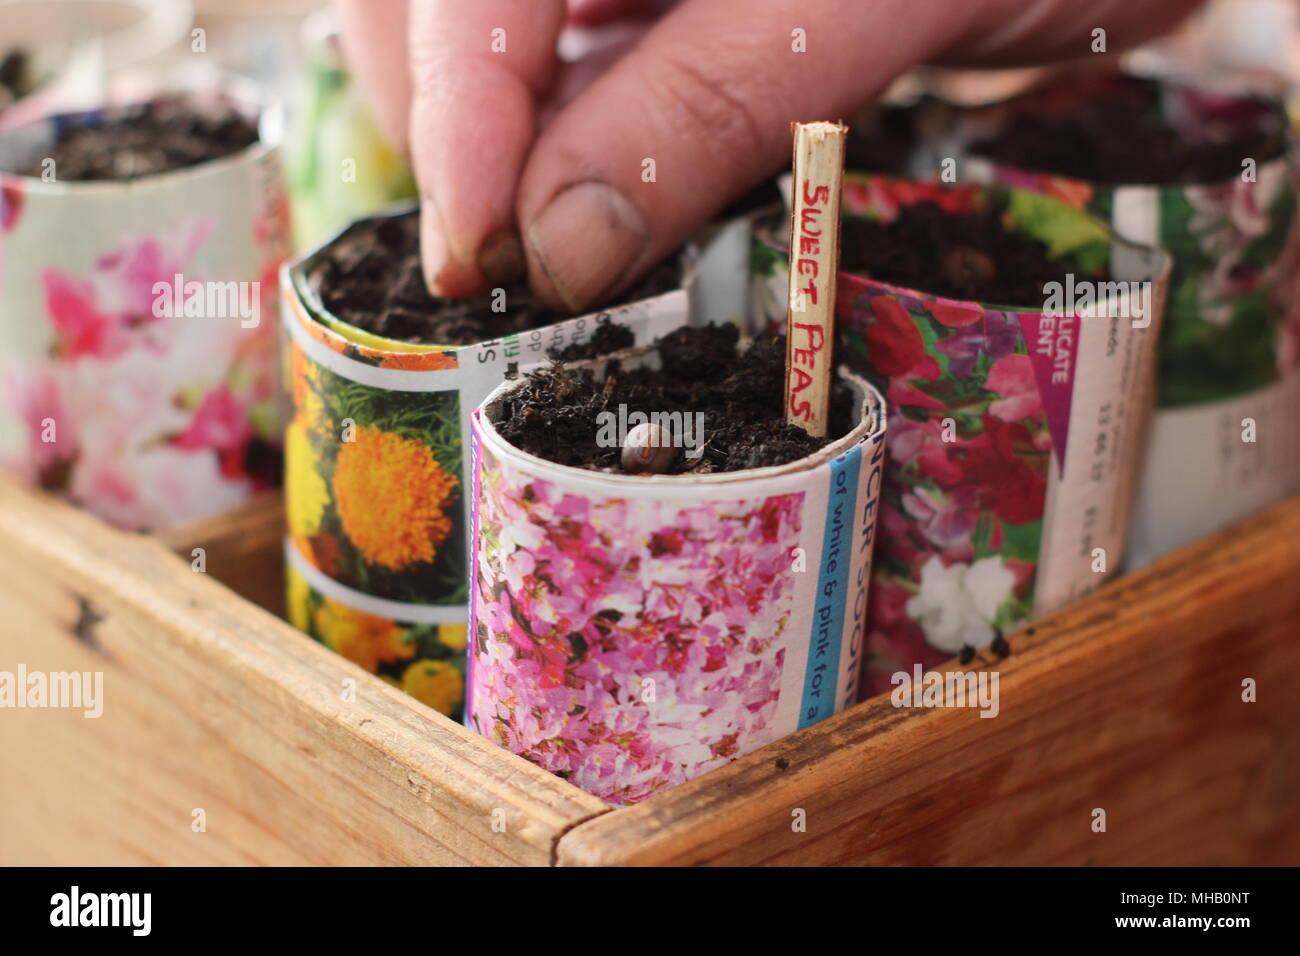 Lathyrus odoratus. Semer les graines de pois sucré dans des pots en papier marqué d'un rameau en tranches comme alternative à l'utilisation de plastique dans le jardinage, UK Photo Stock